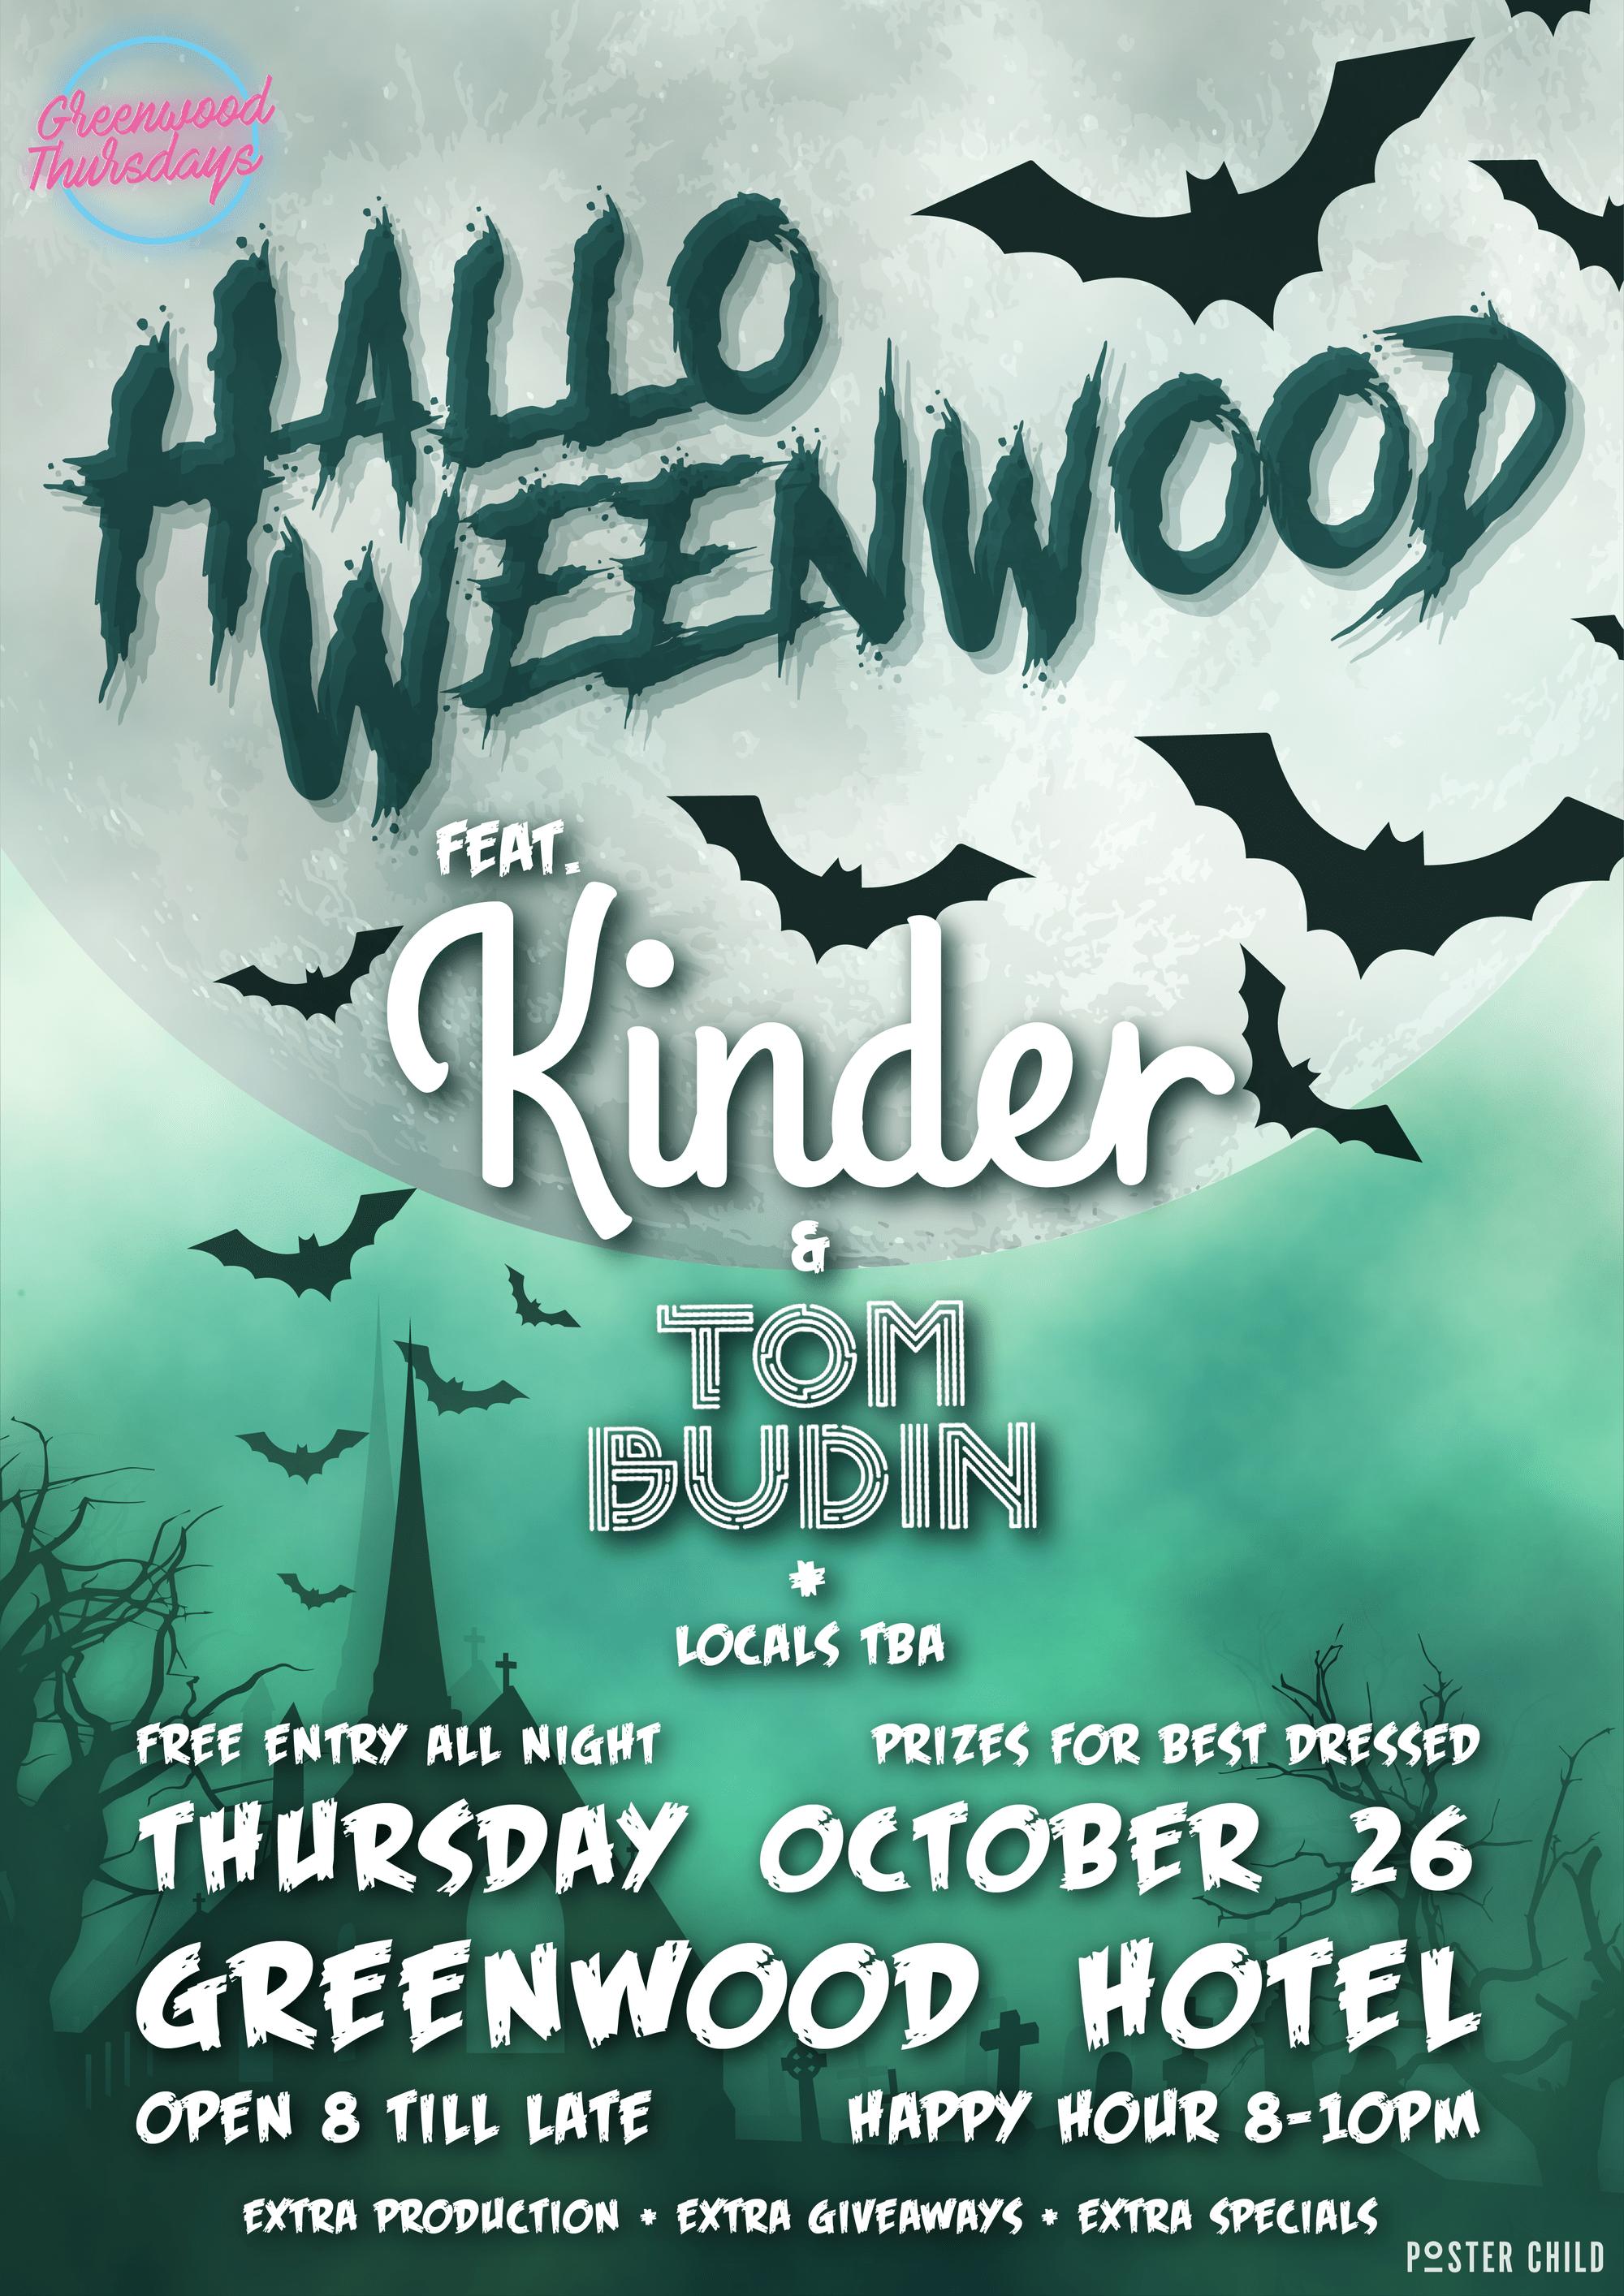 Halloween ft Kinder Tom Budin Greenwood Thursdays North Sydney